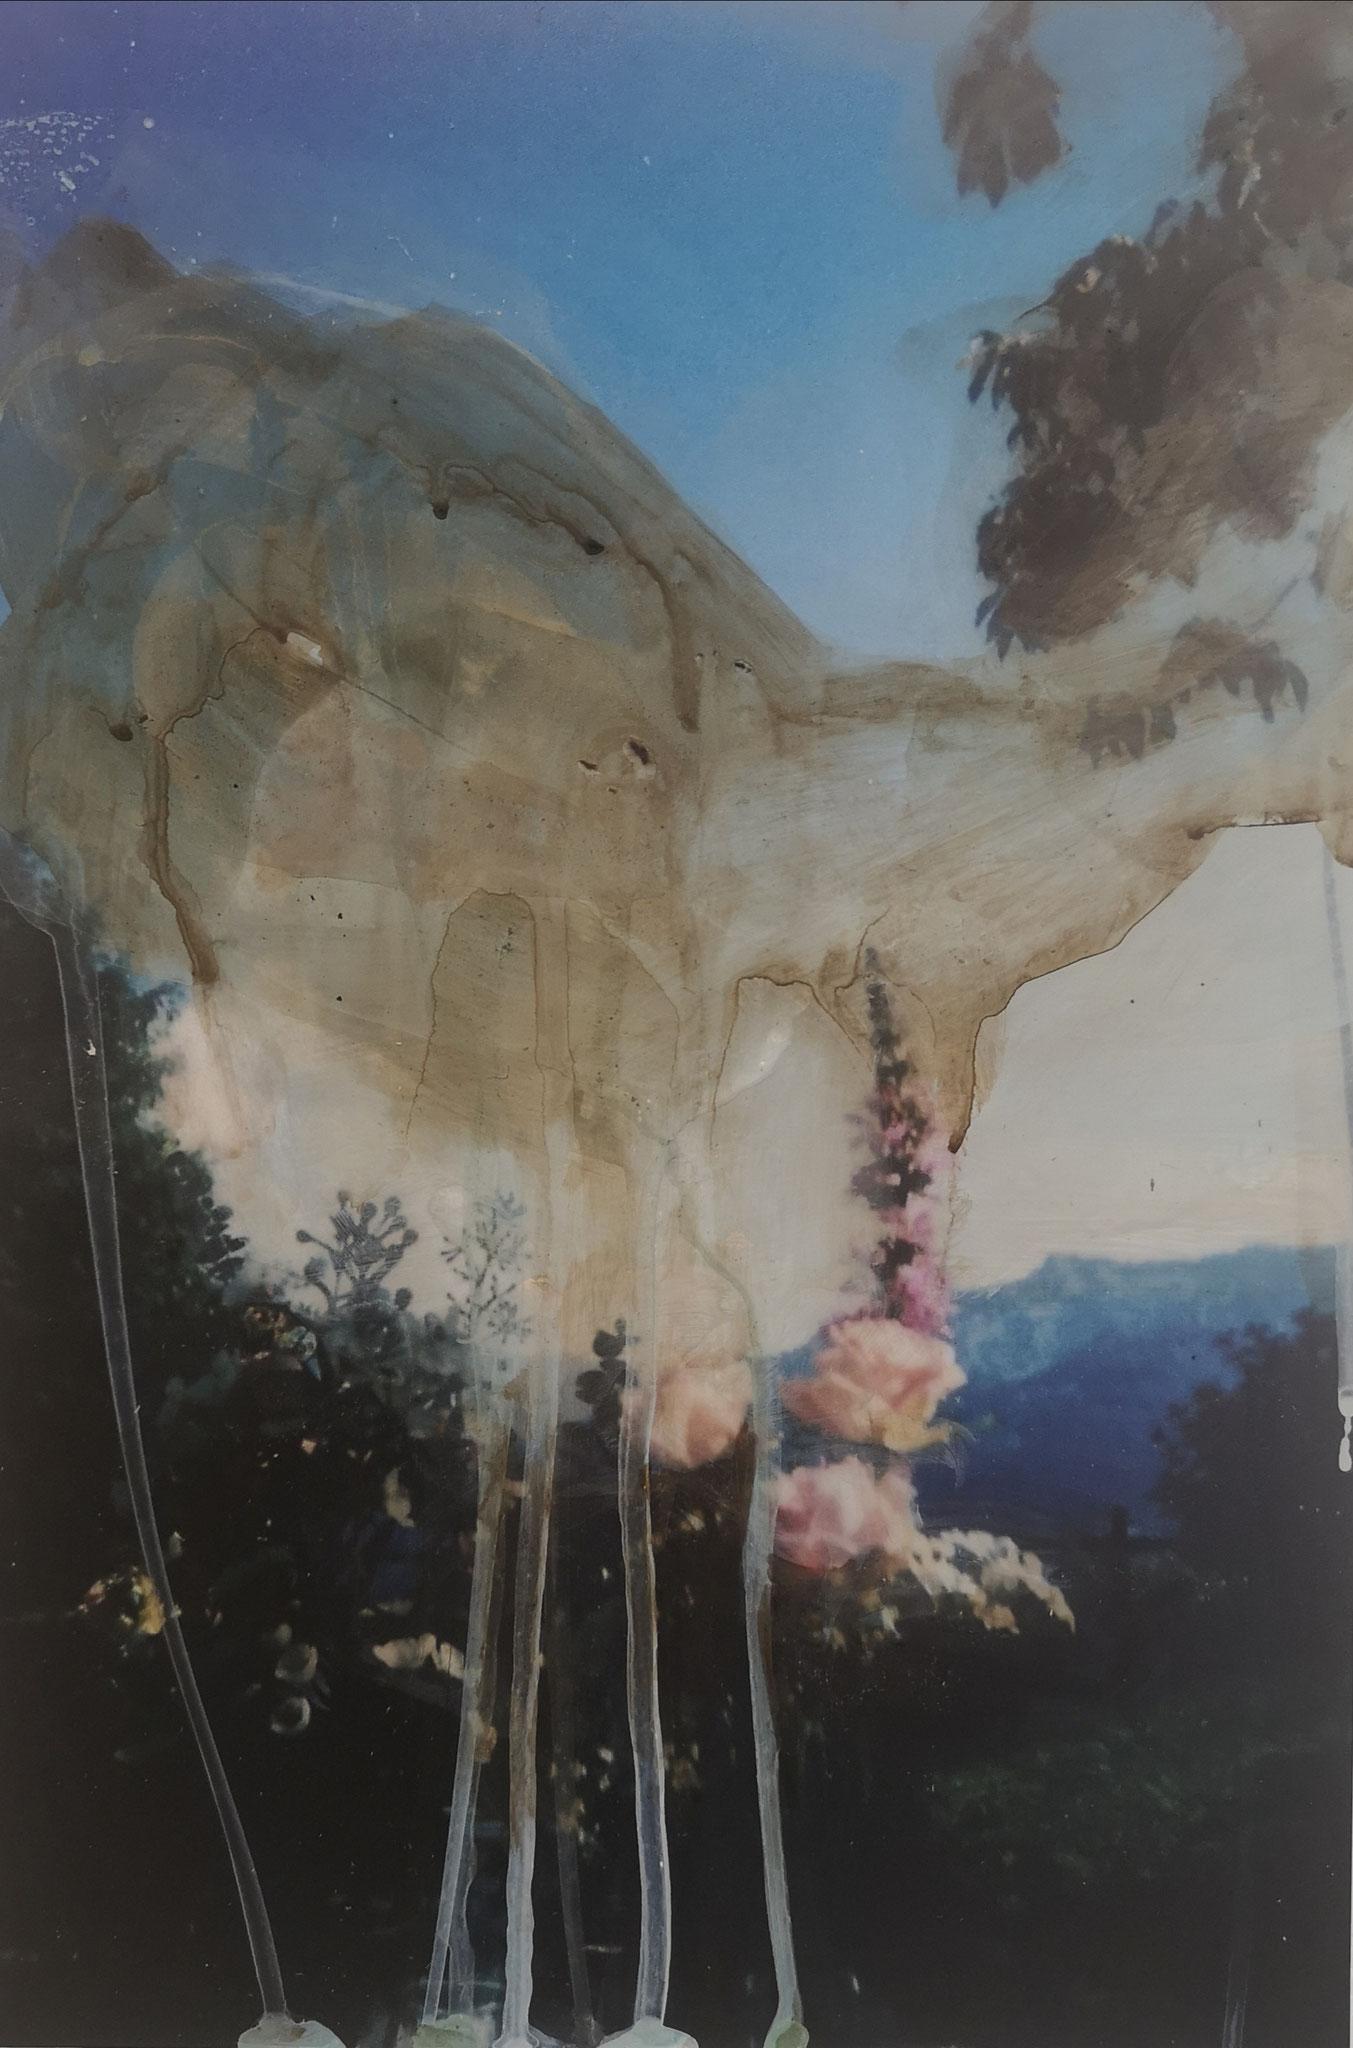 Genius Loci, Acryl auf Fotografie, Alu-Dibond, 30 x 20 cm, 2020